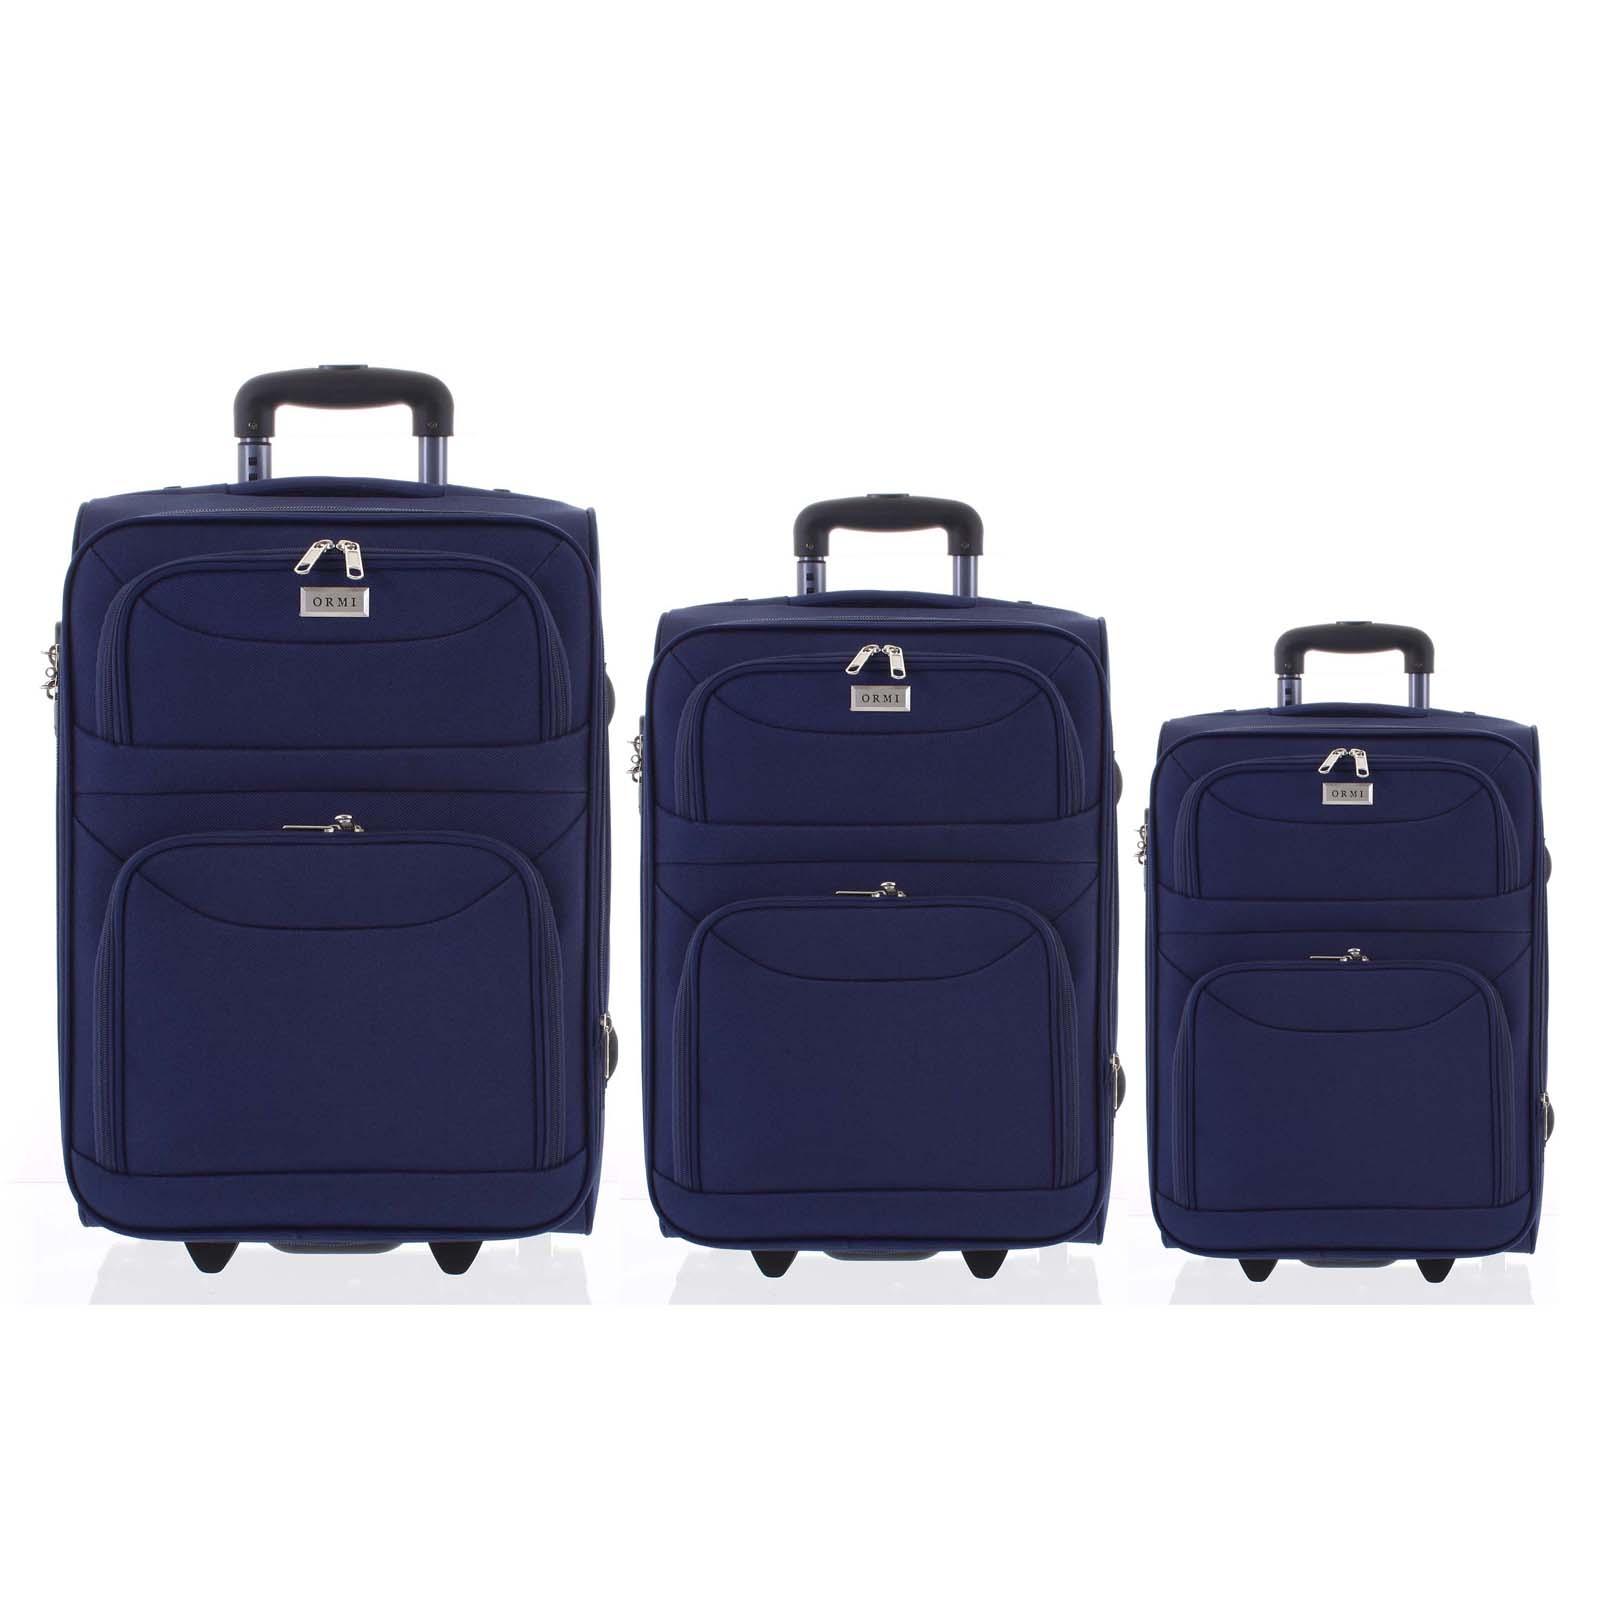 Klasický látkový modrý cestovní kufr sada - Ormi Stof S, M, L